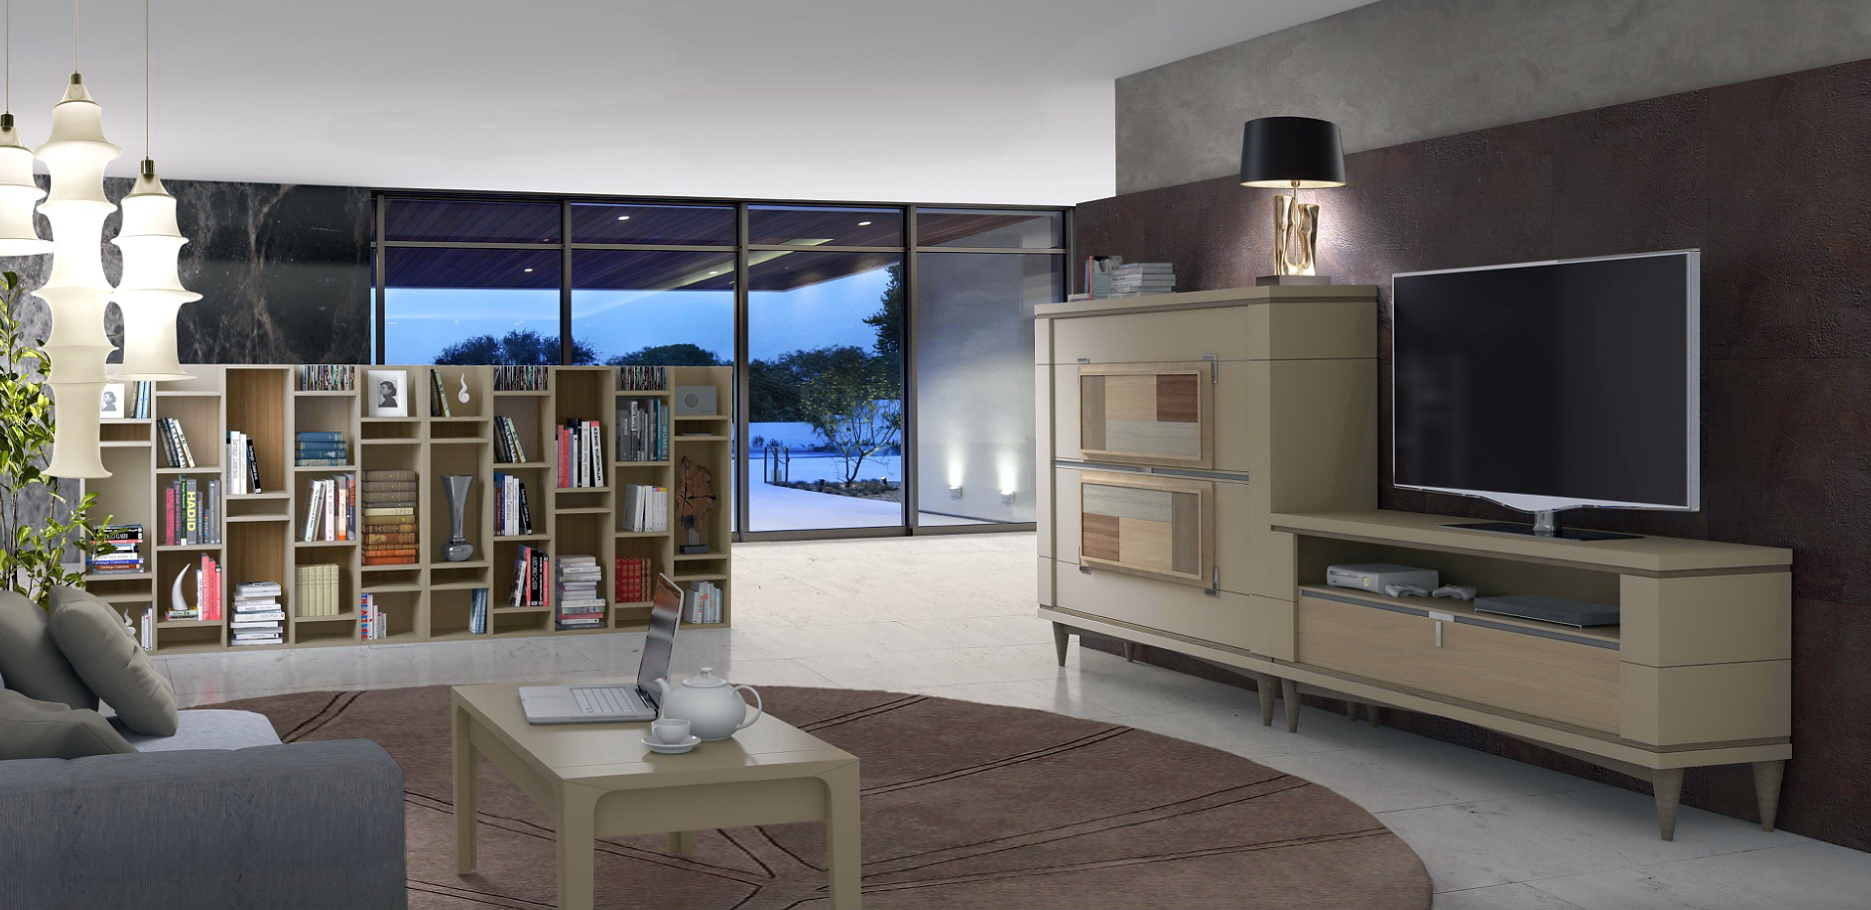 Muebles En Leon Baratos Great Muebles De Cocina Muy Baratos Foto  # Muebles Mambuka